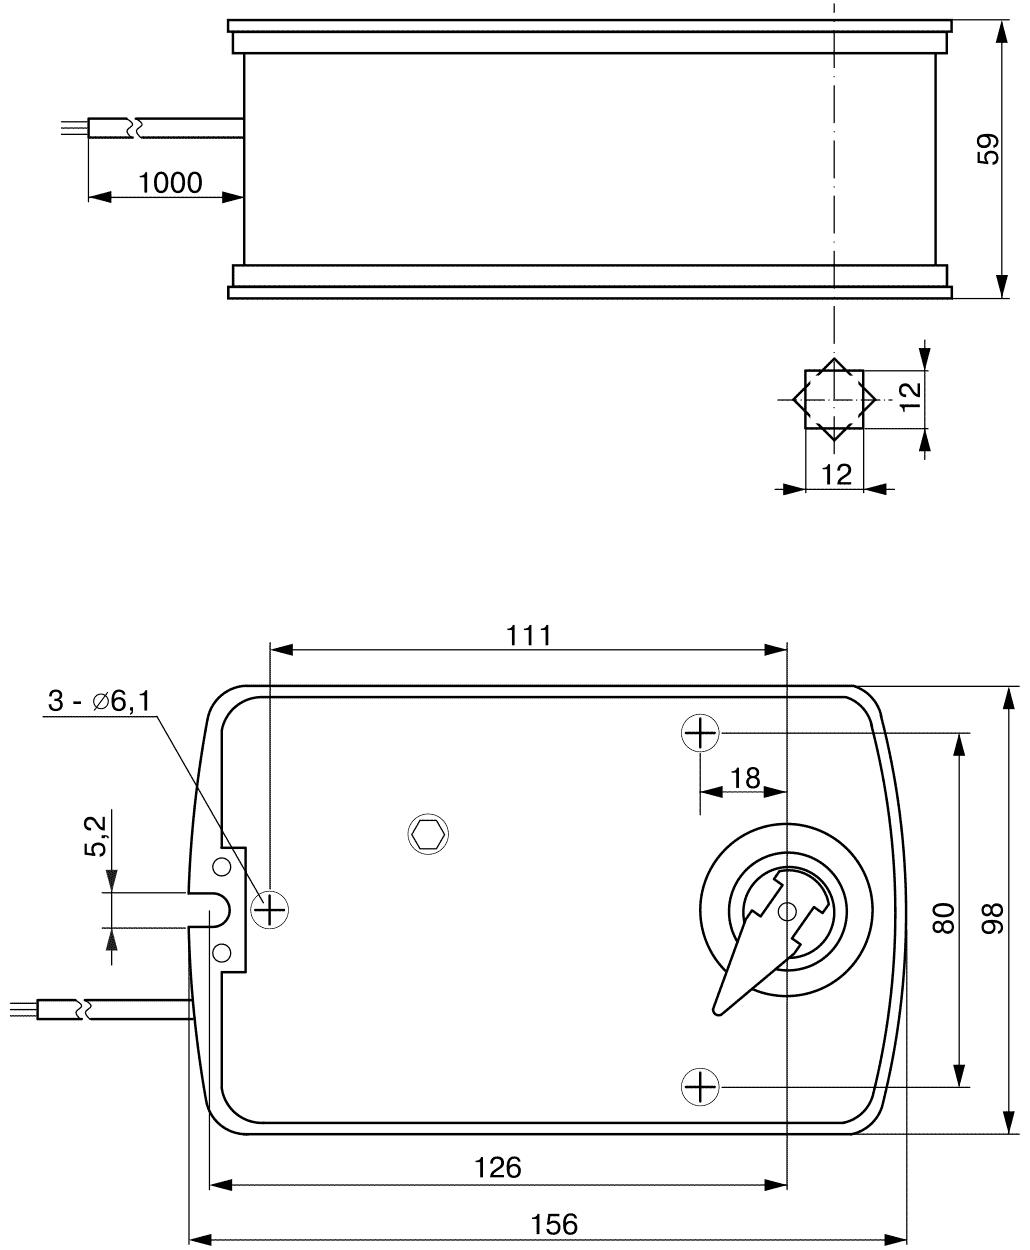 Габаритные размеры электропривода TASA1-10S 10Нм/24В клапана дымоудаления